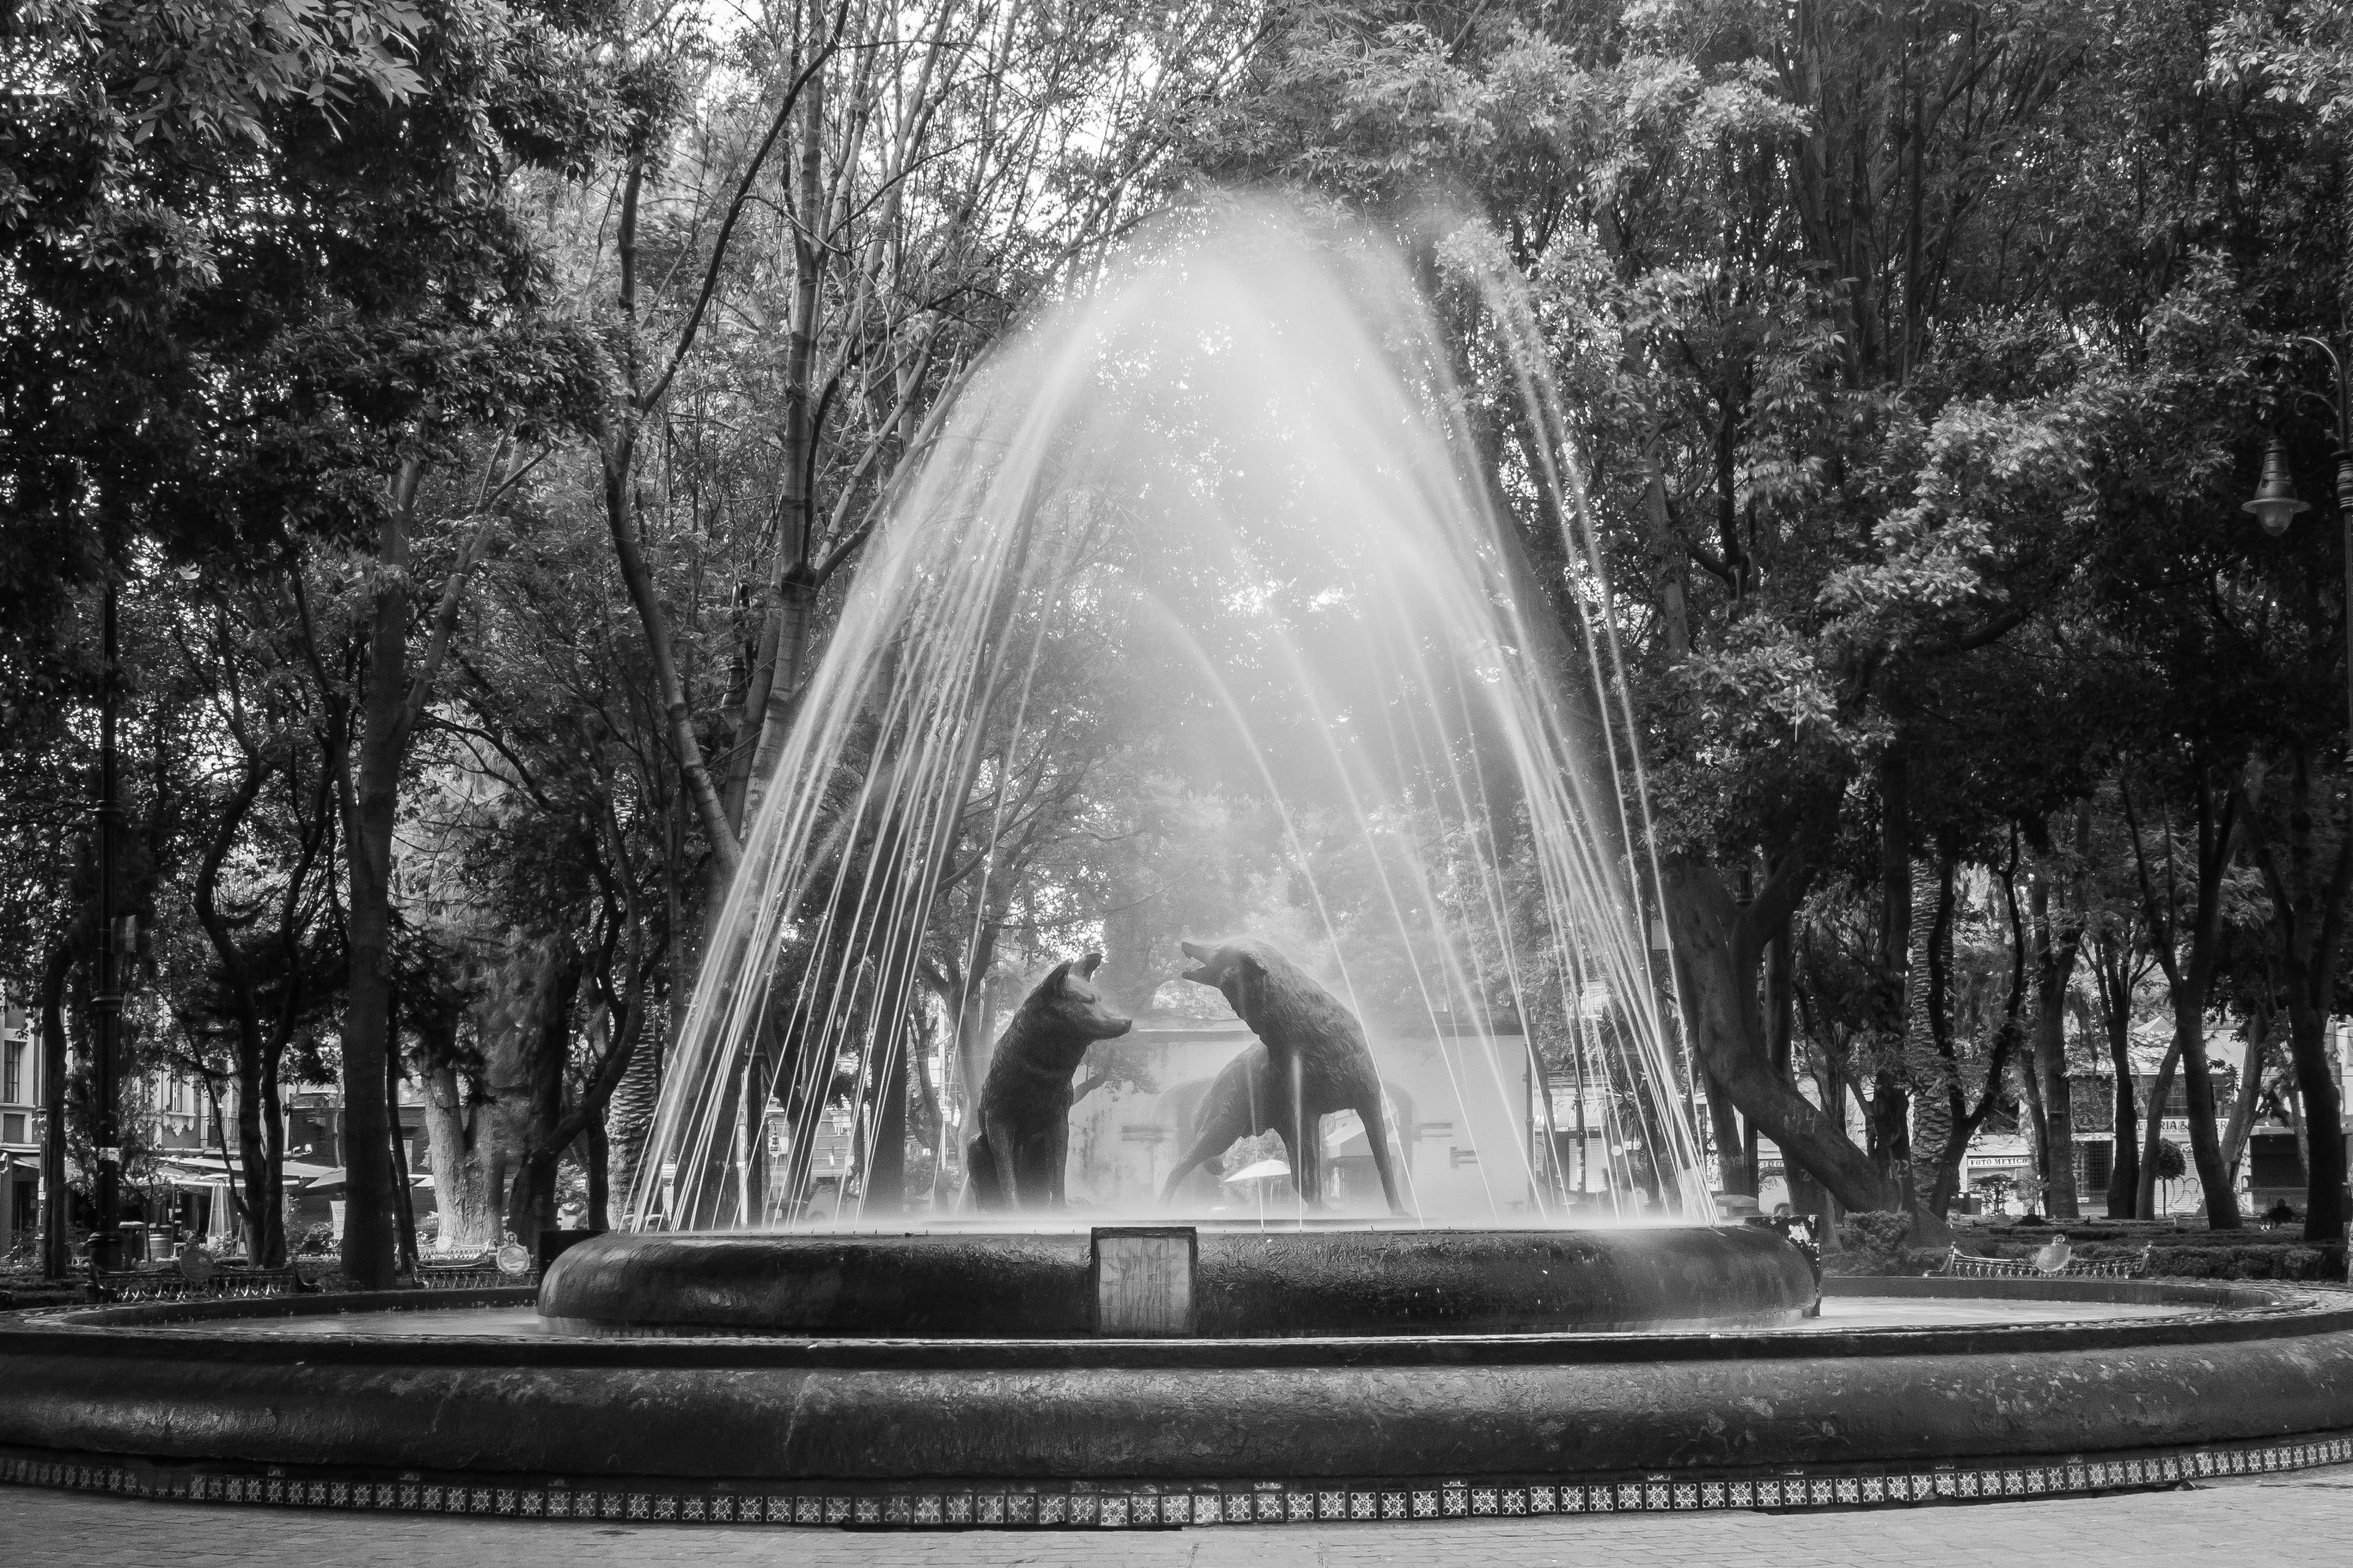 Fuente de Los Coyotes, Jardín Centenario, Coyoacán | © Javier Castañón/Flickr